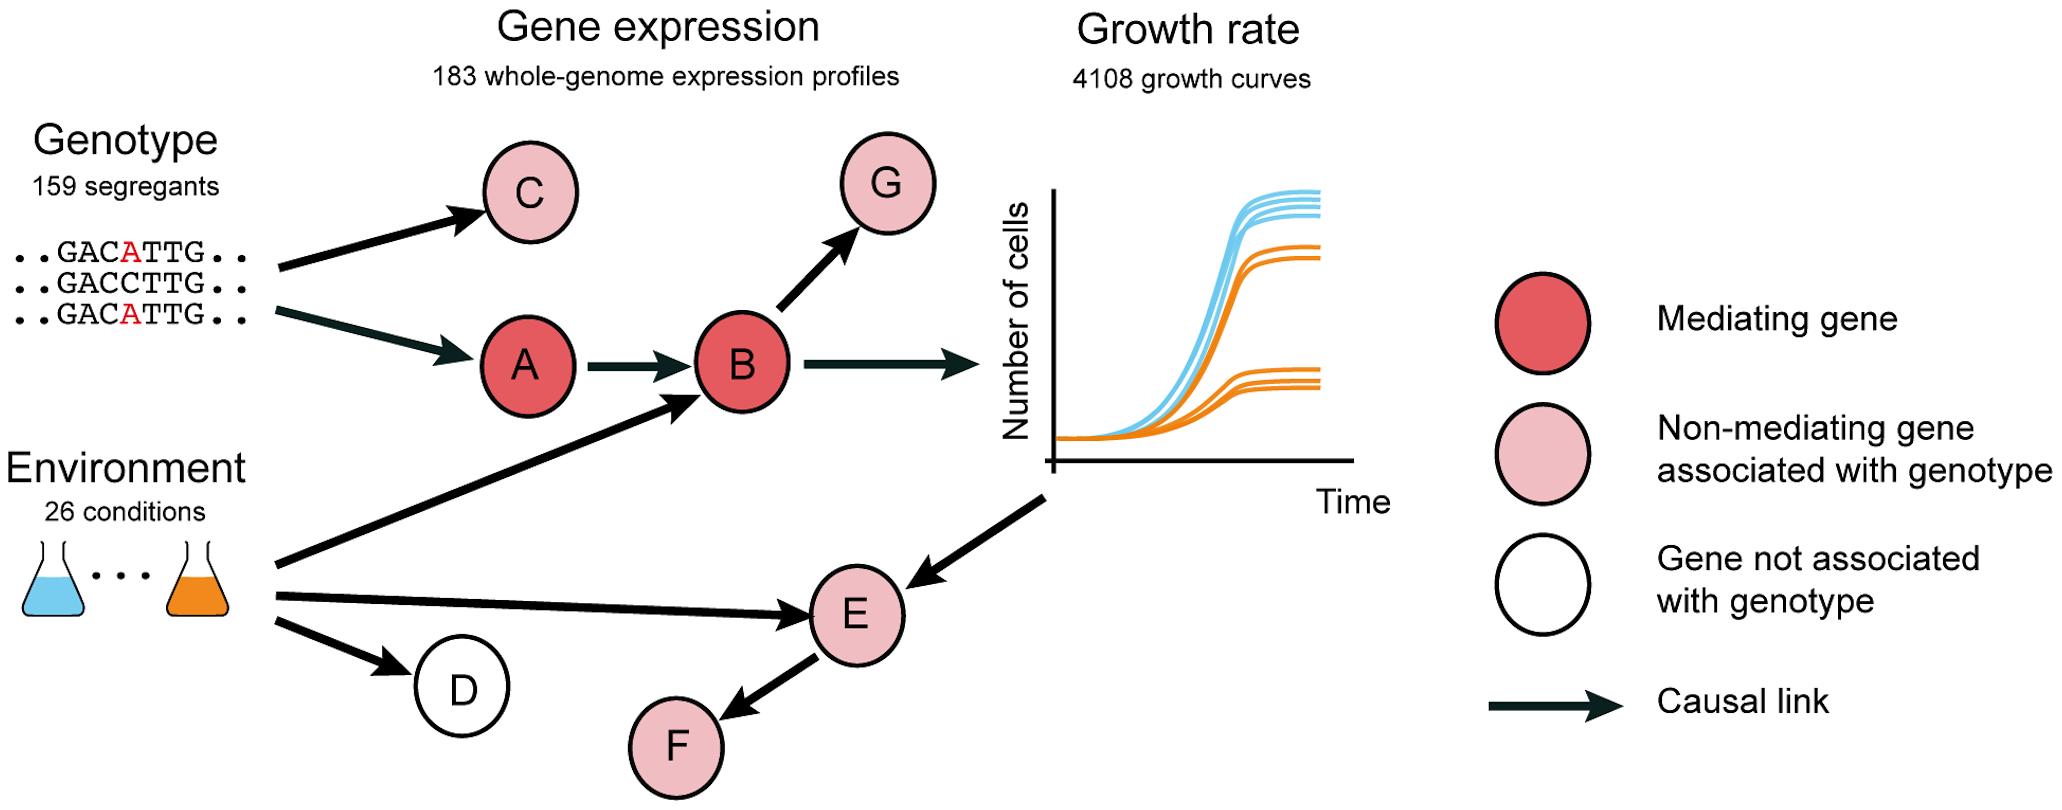 Distinguishing causal intermediate genes between genetic variation and phenotype.